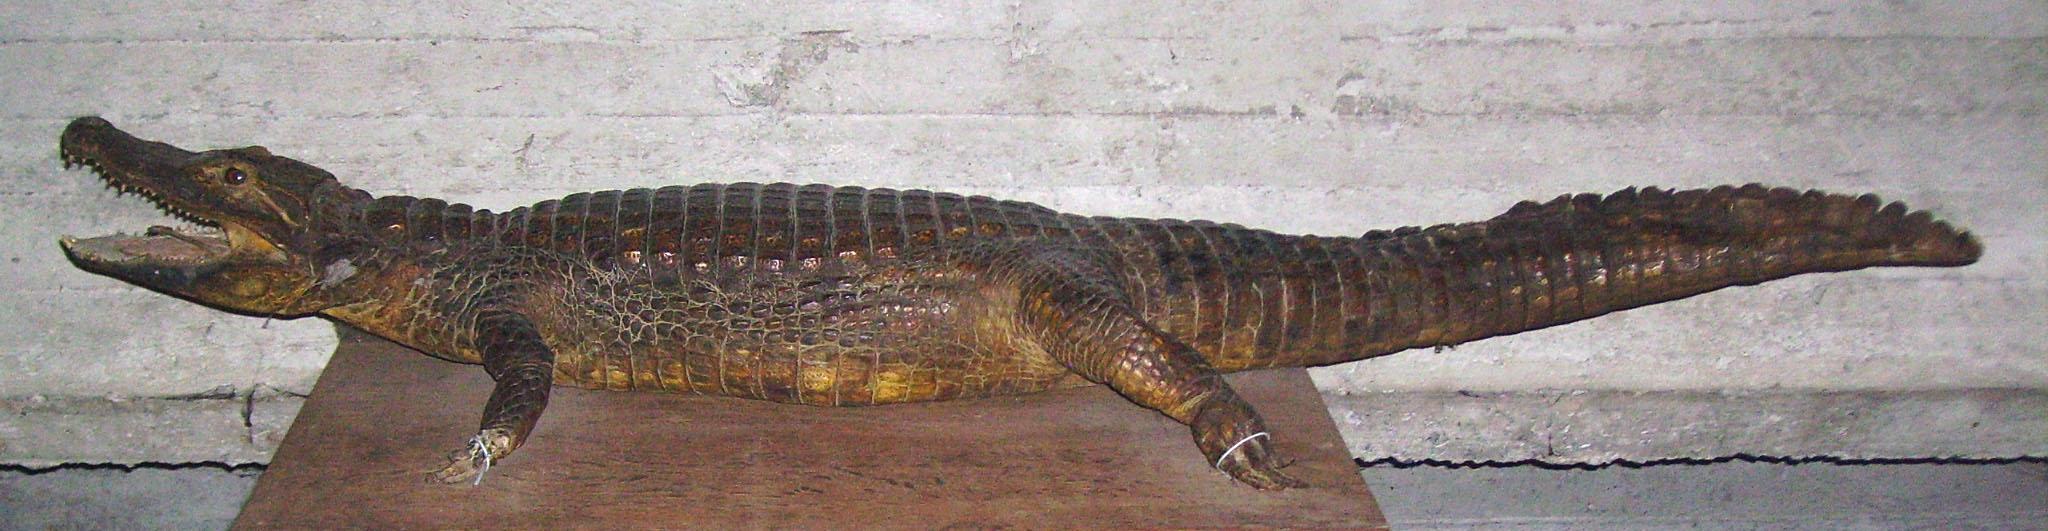 Krokodil Kerselare